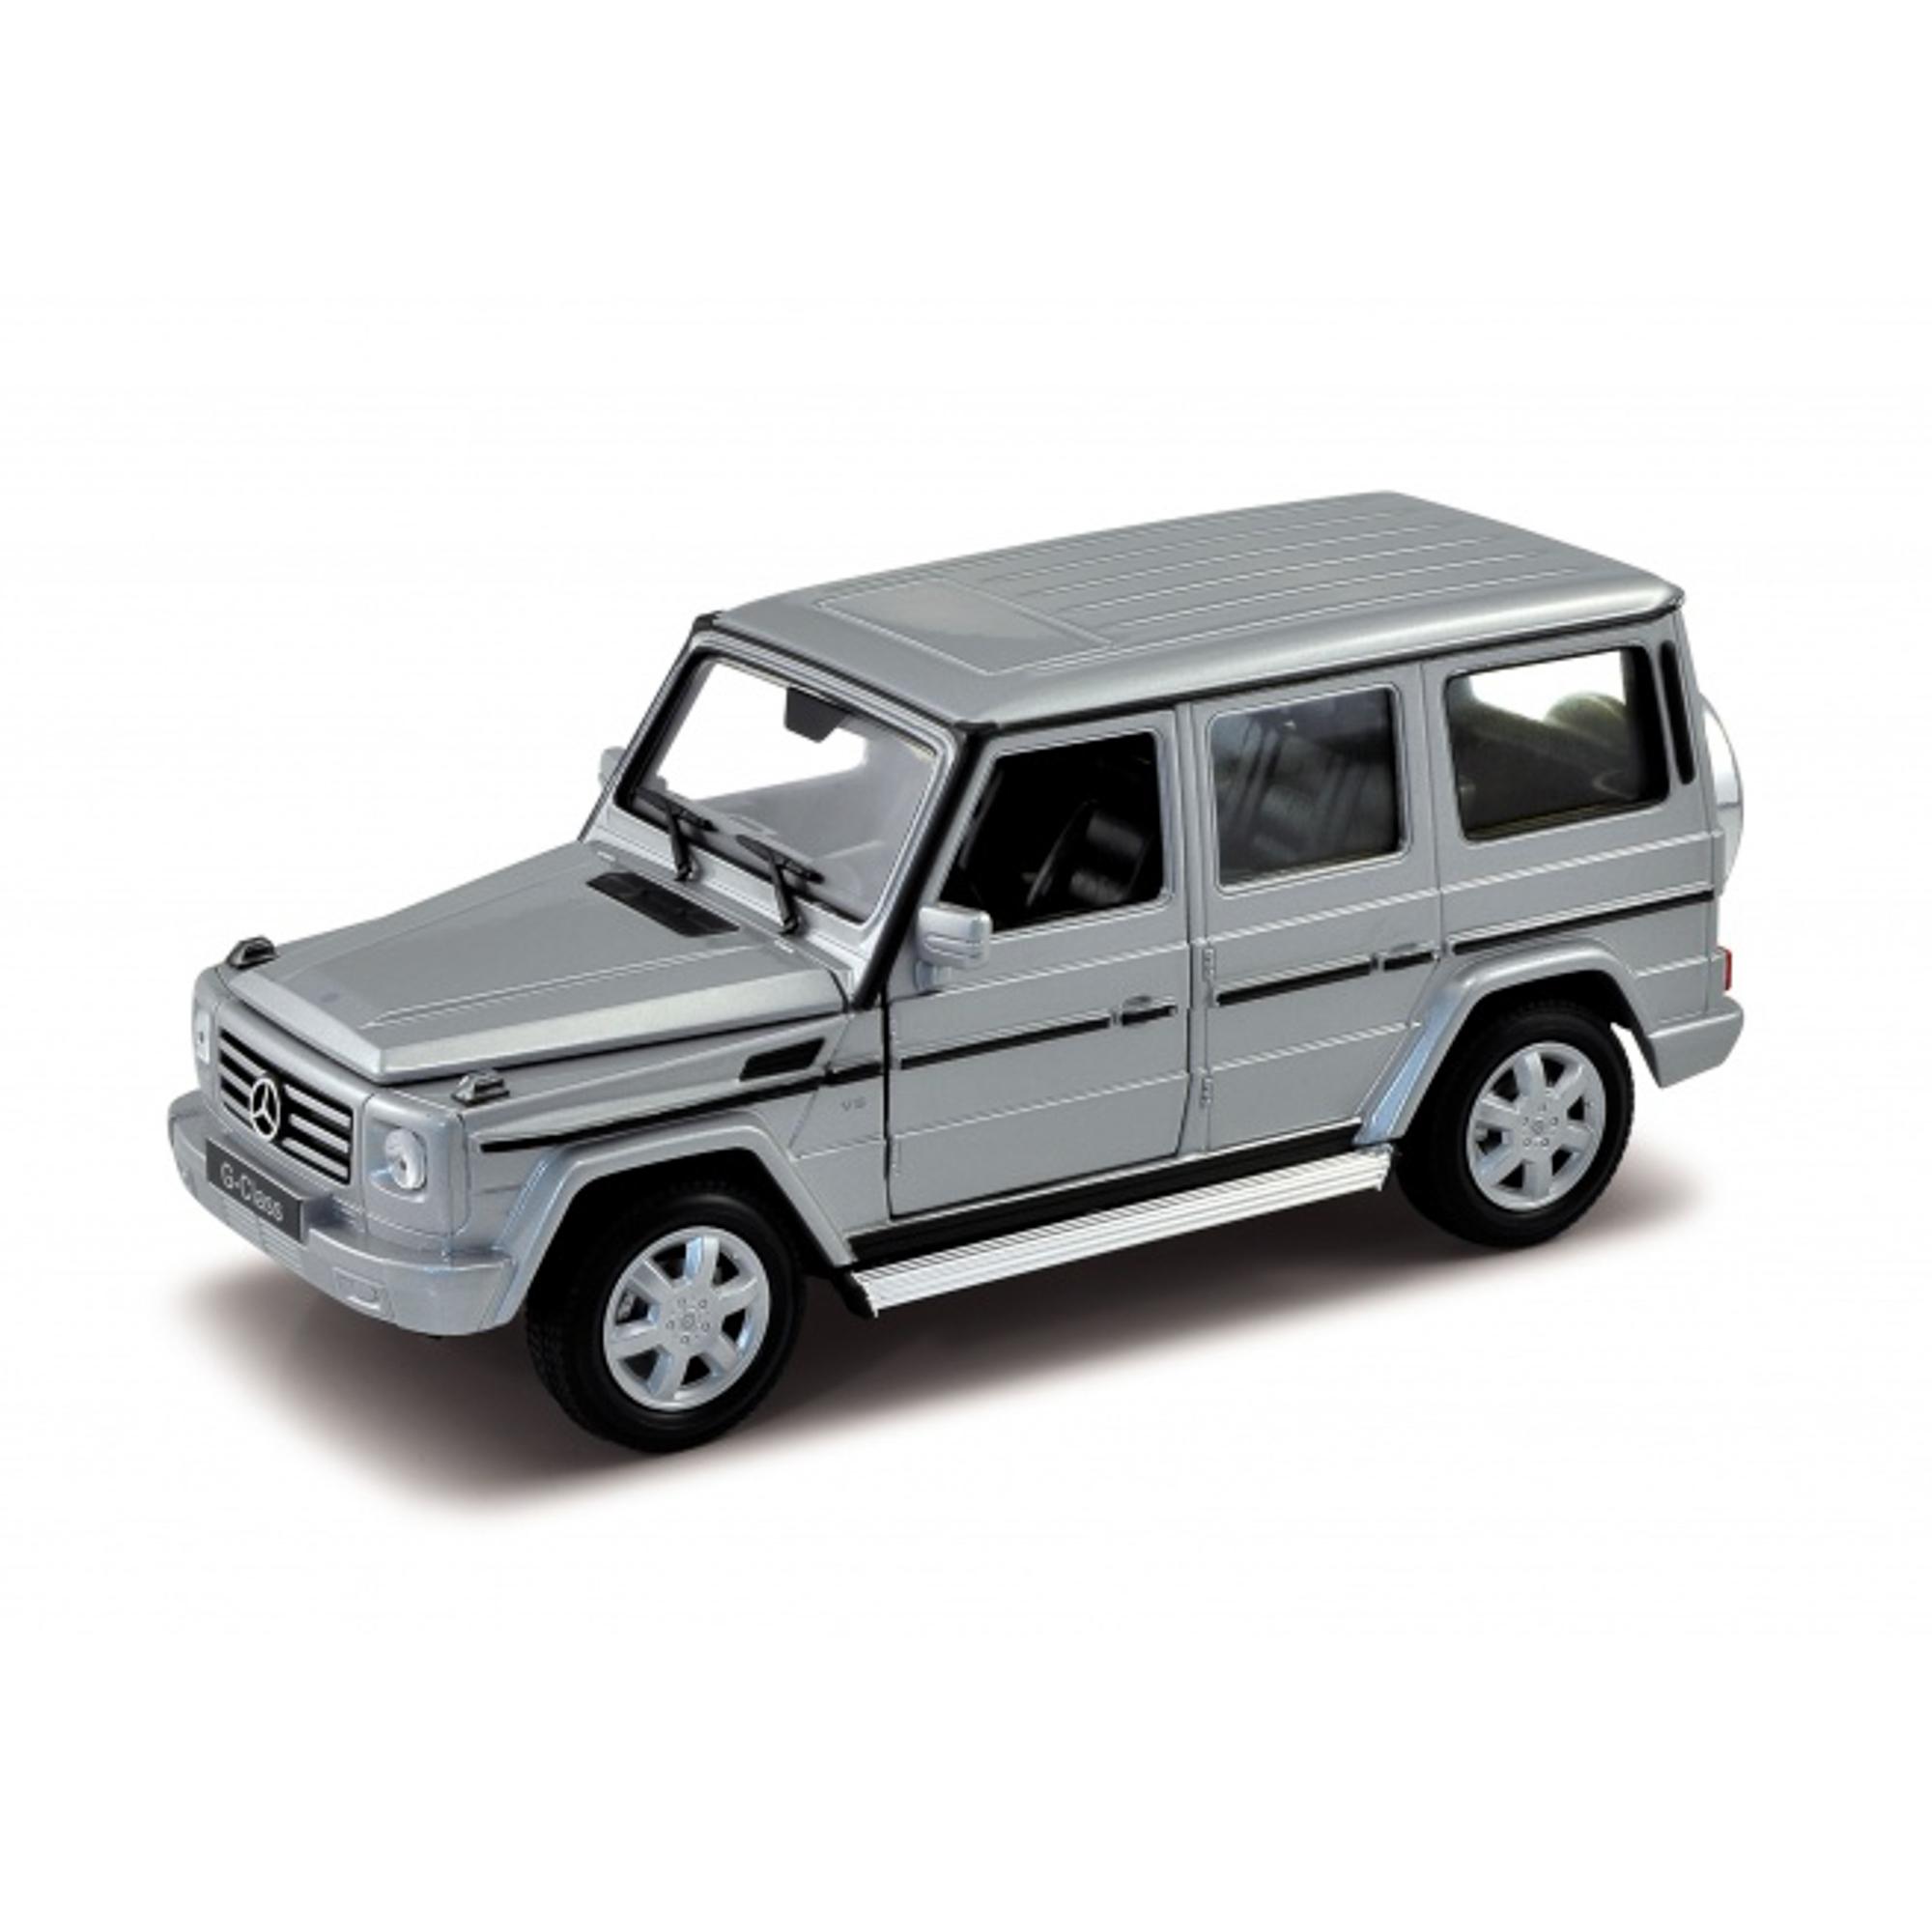 Игрушка модель машины 1:32 Mercedes-Benz G-CLASS.